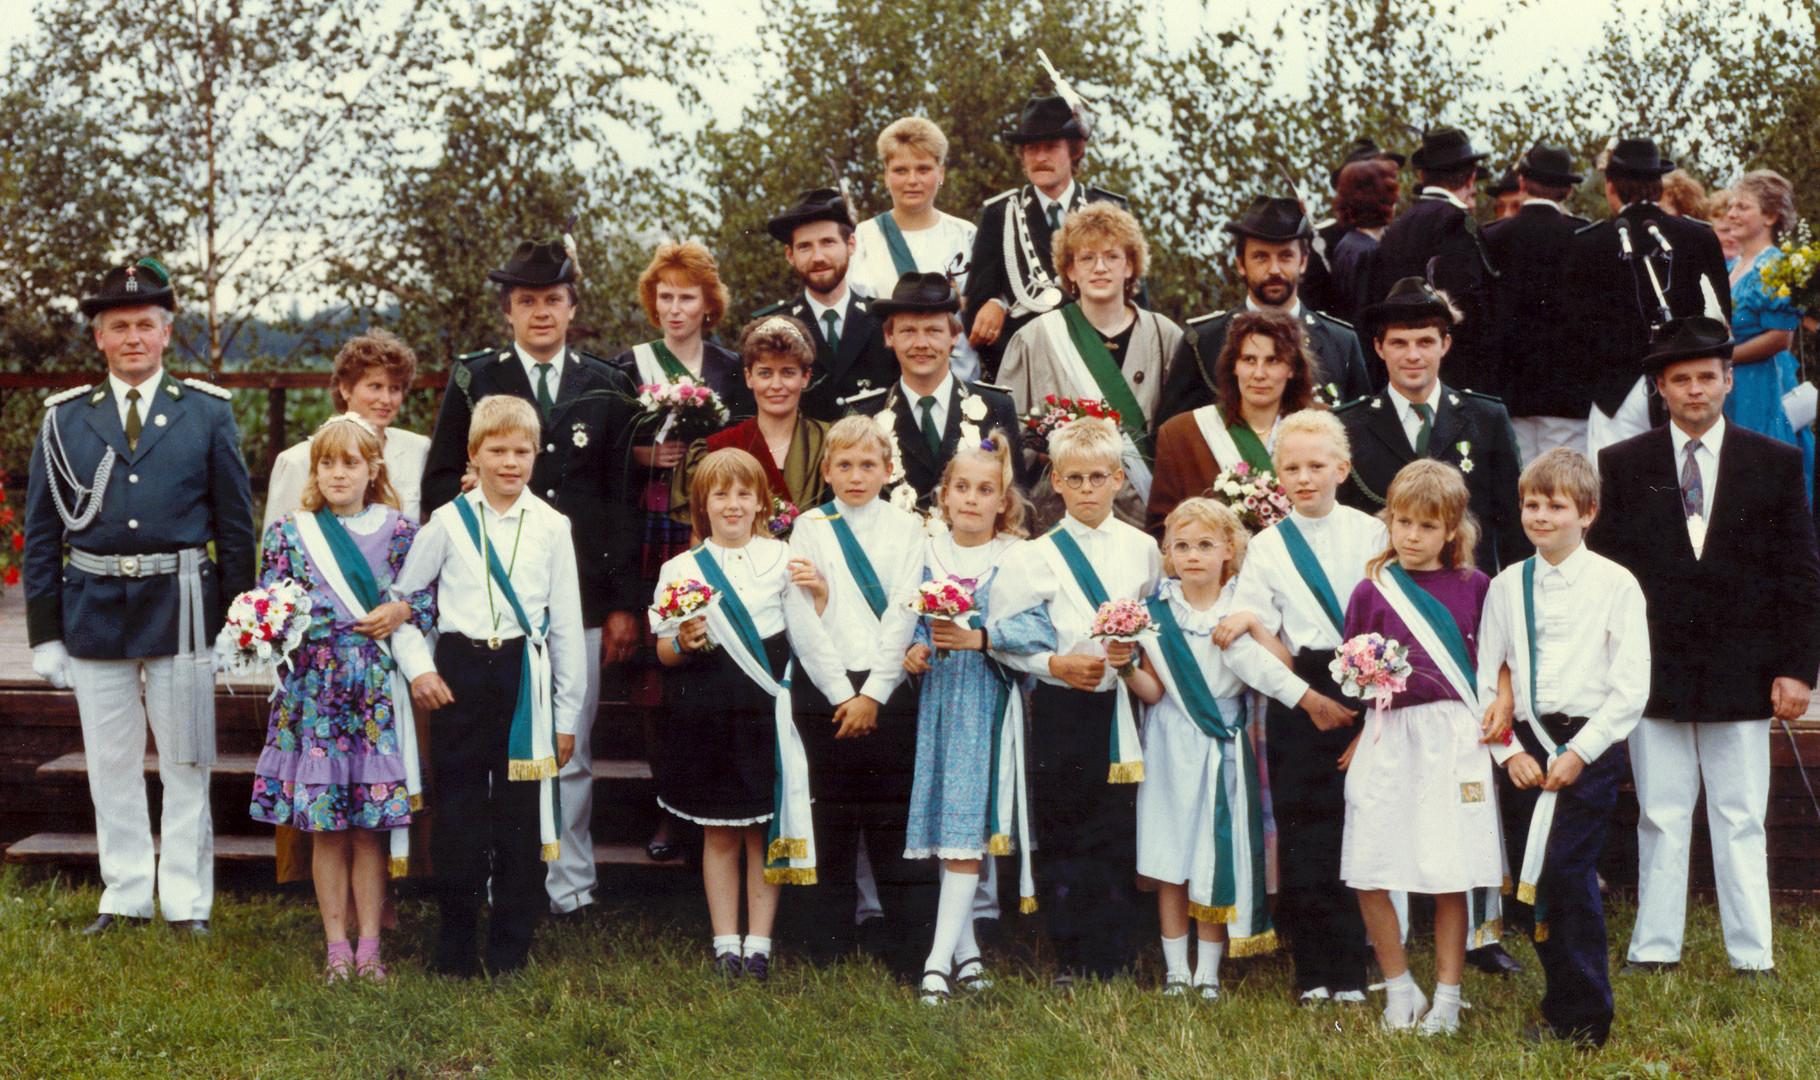 1990: König Heinz-Josef Voss und Königin Irmgard Voss